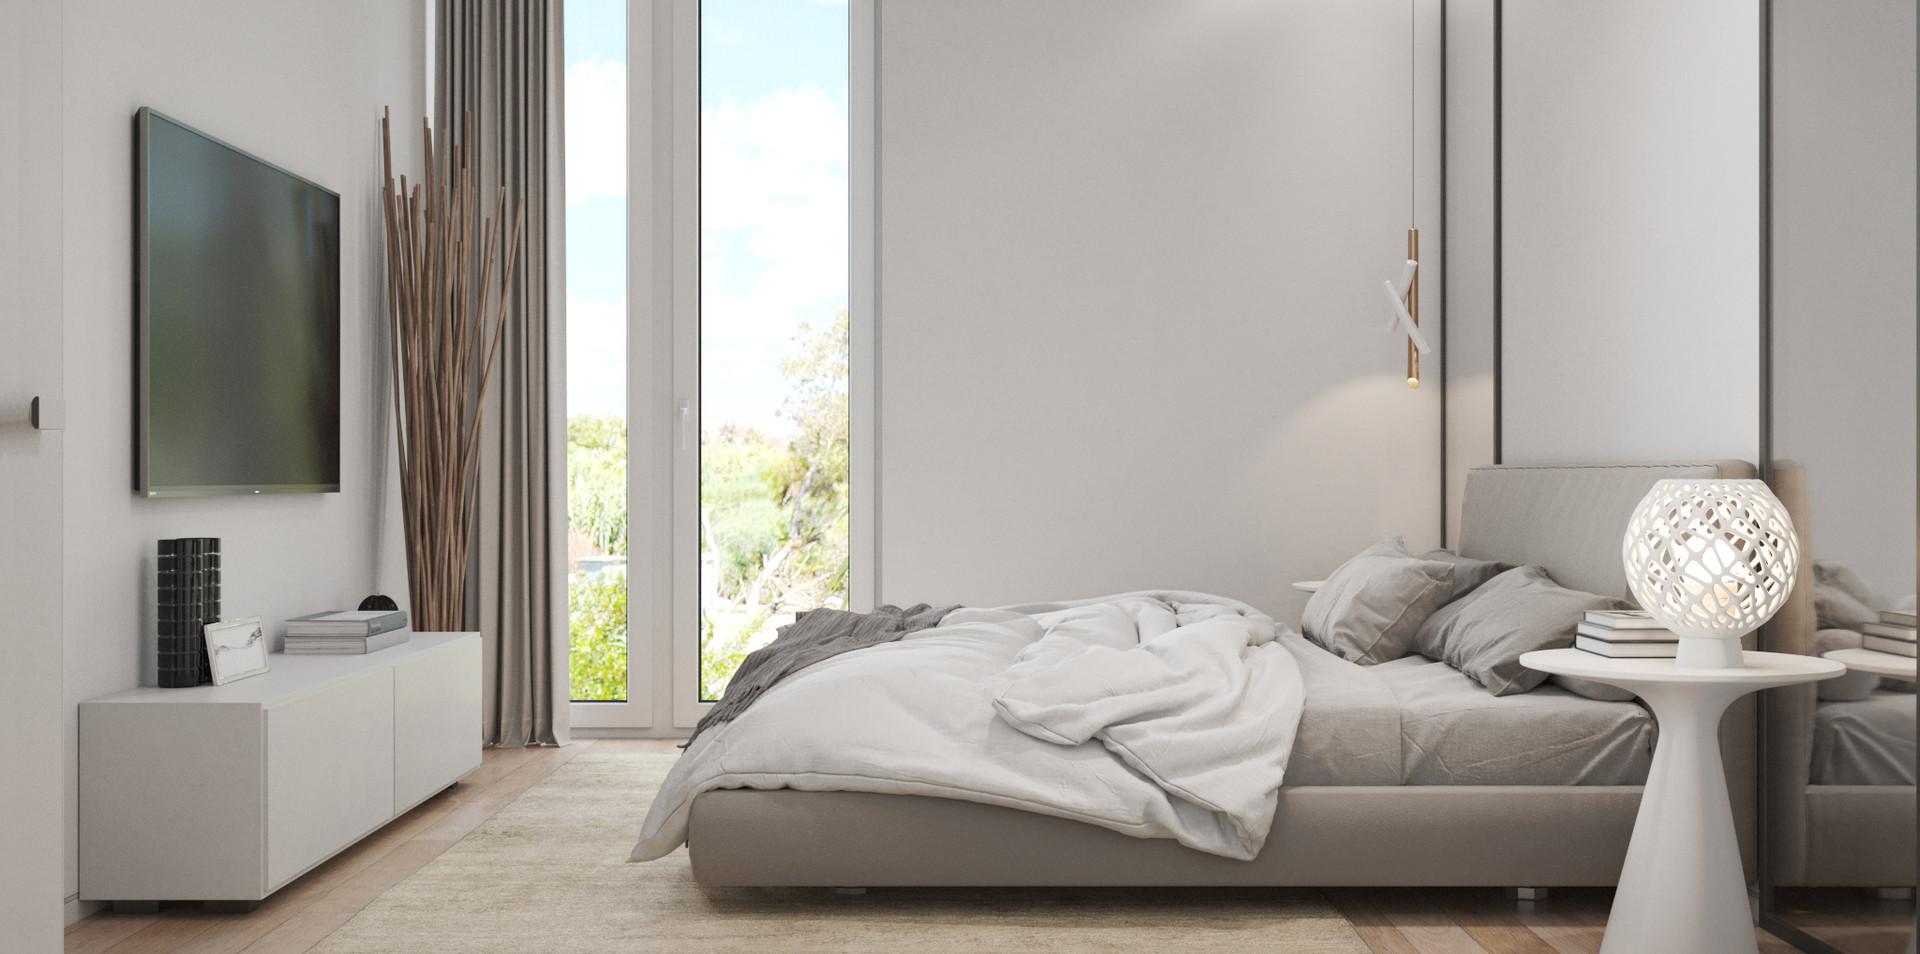 big_110_Villamoura_bedroom 1_03.jpg